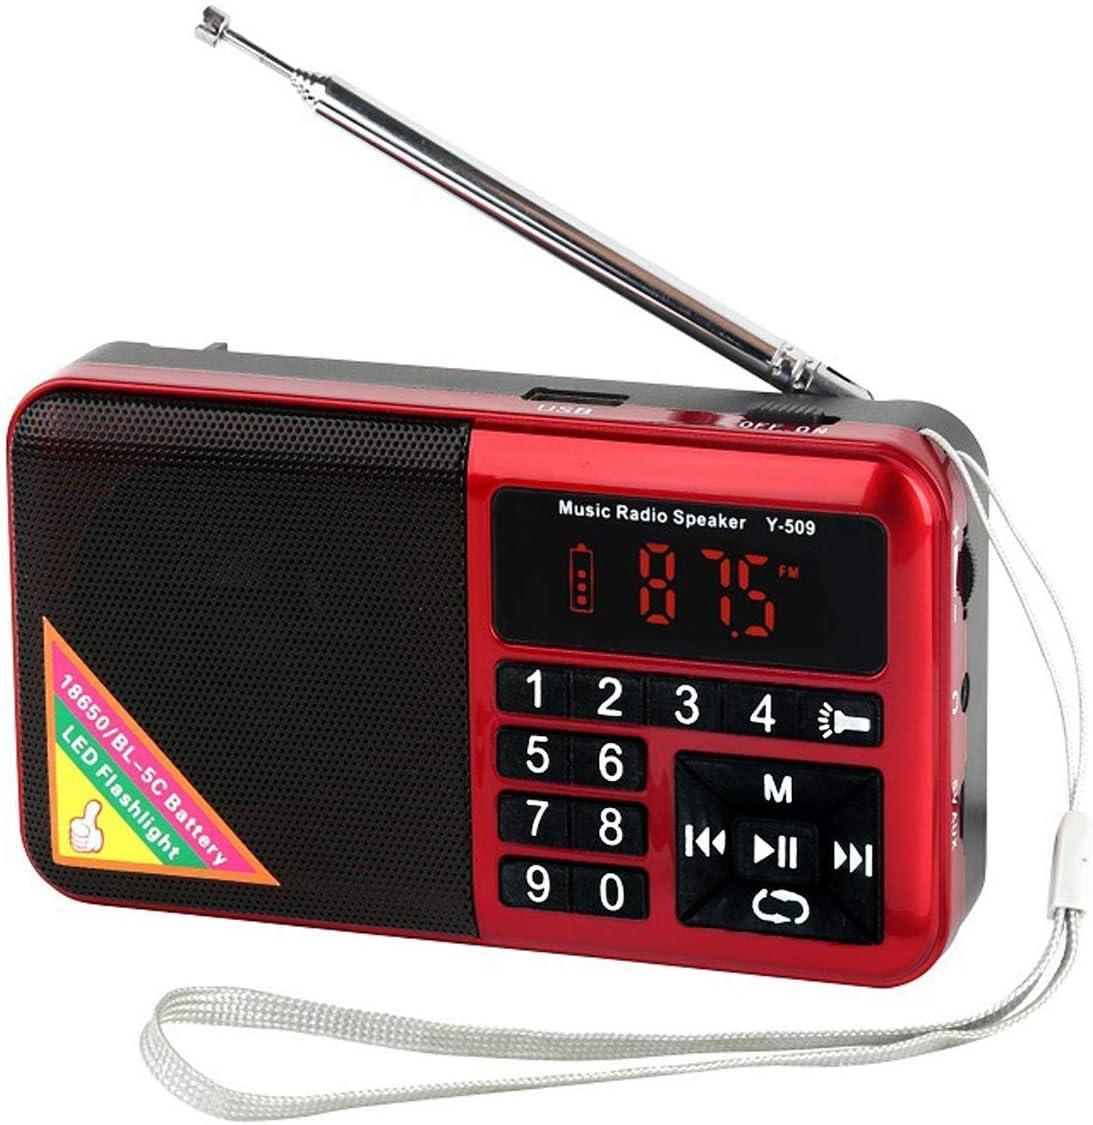 Totento Mini Radio Portátil FM Digital Recargable 1500mAh con Linterna LED y Reproductor MP3 en Disco USB Micro SD AUX, Auricular Jack (Rojo): Amazon.es: Electrónica